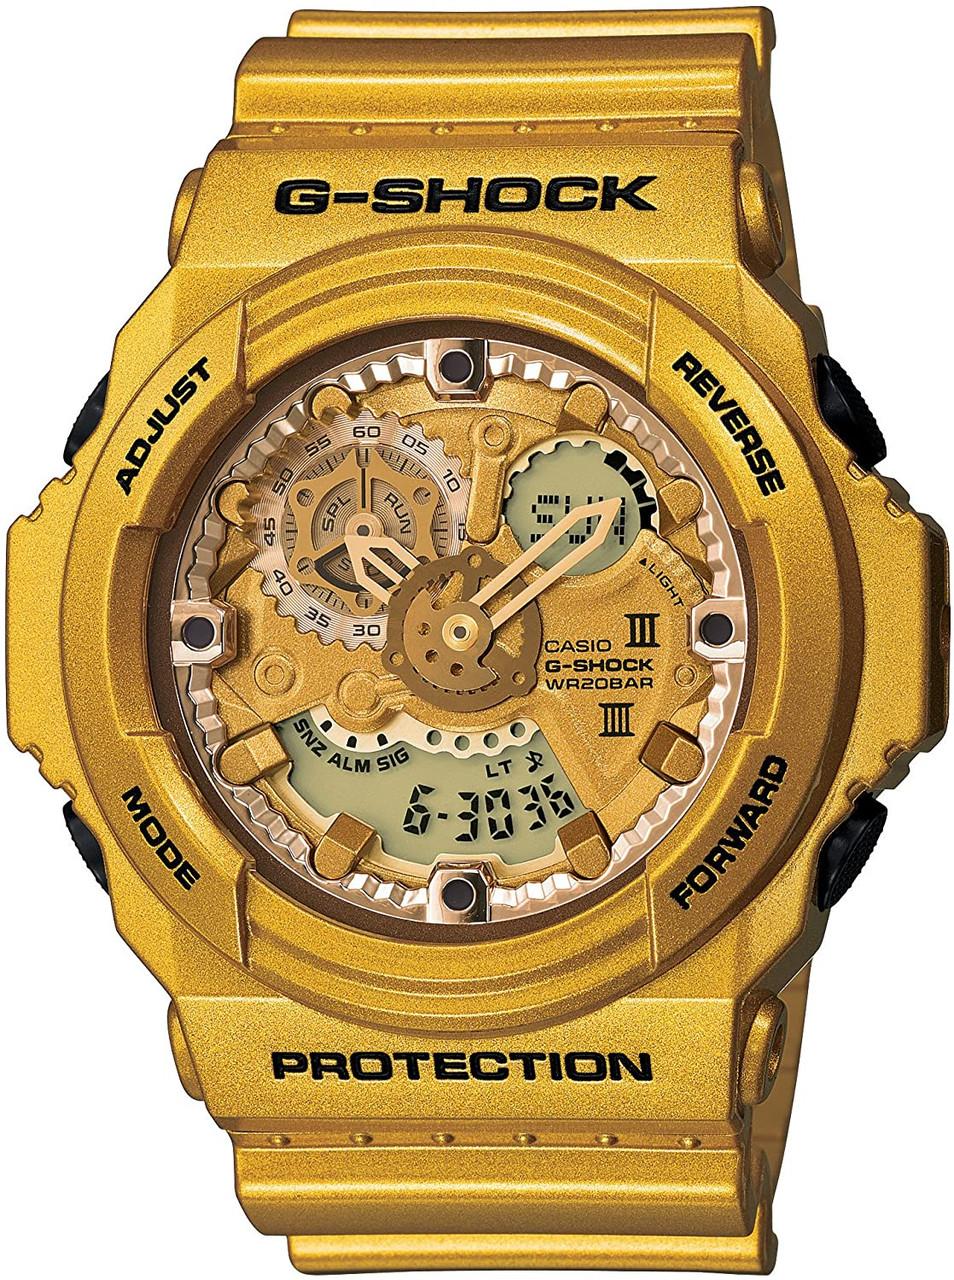 Casio G-Shock GA-300GD-9AJF Crazy Gold